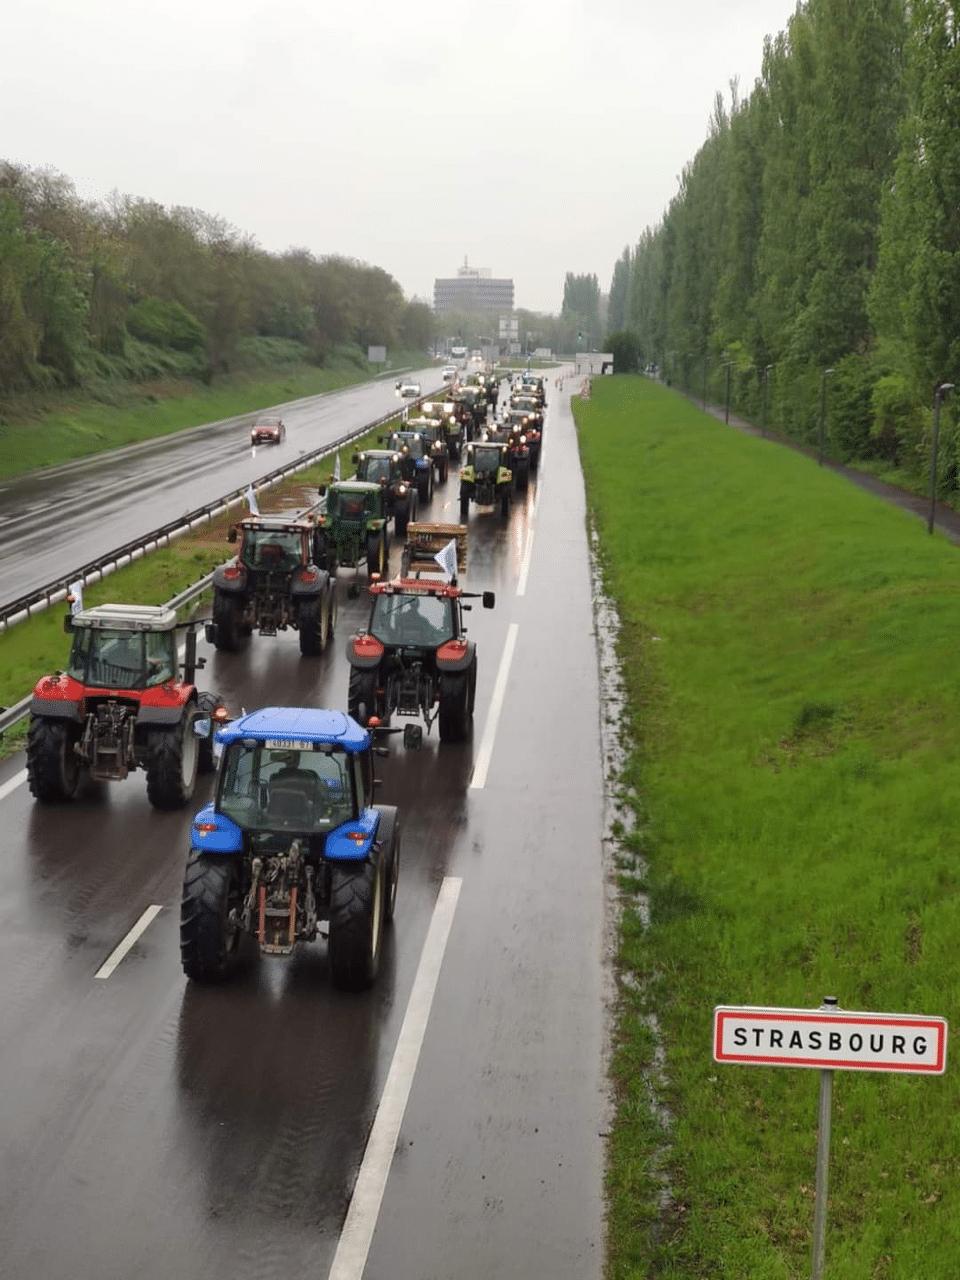 manifestation-strasbourg